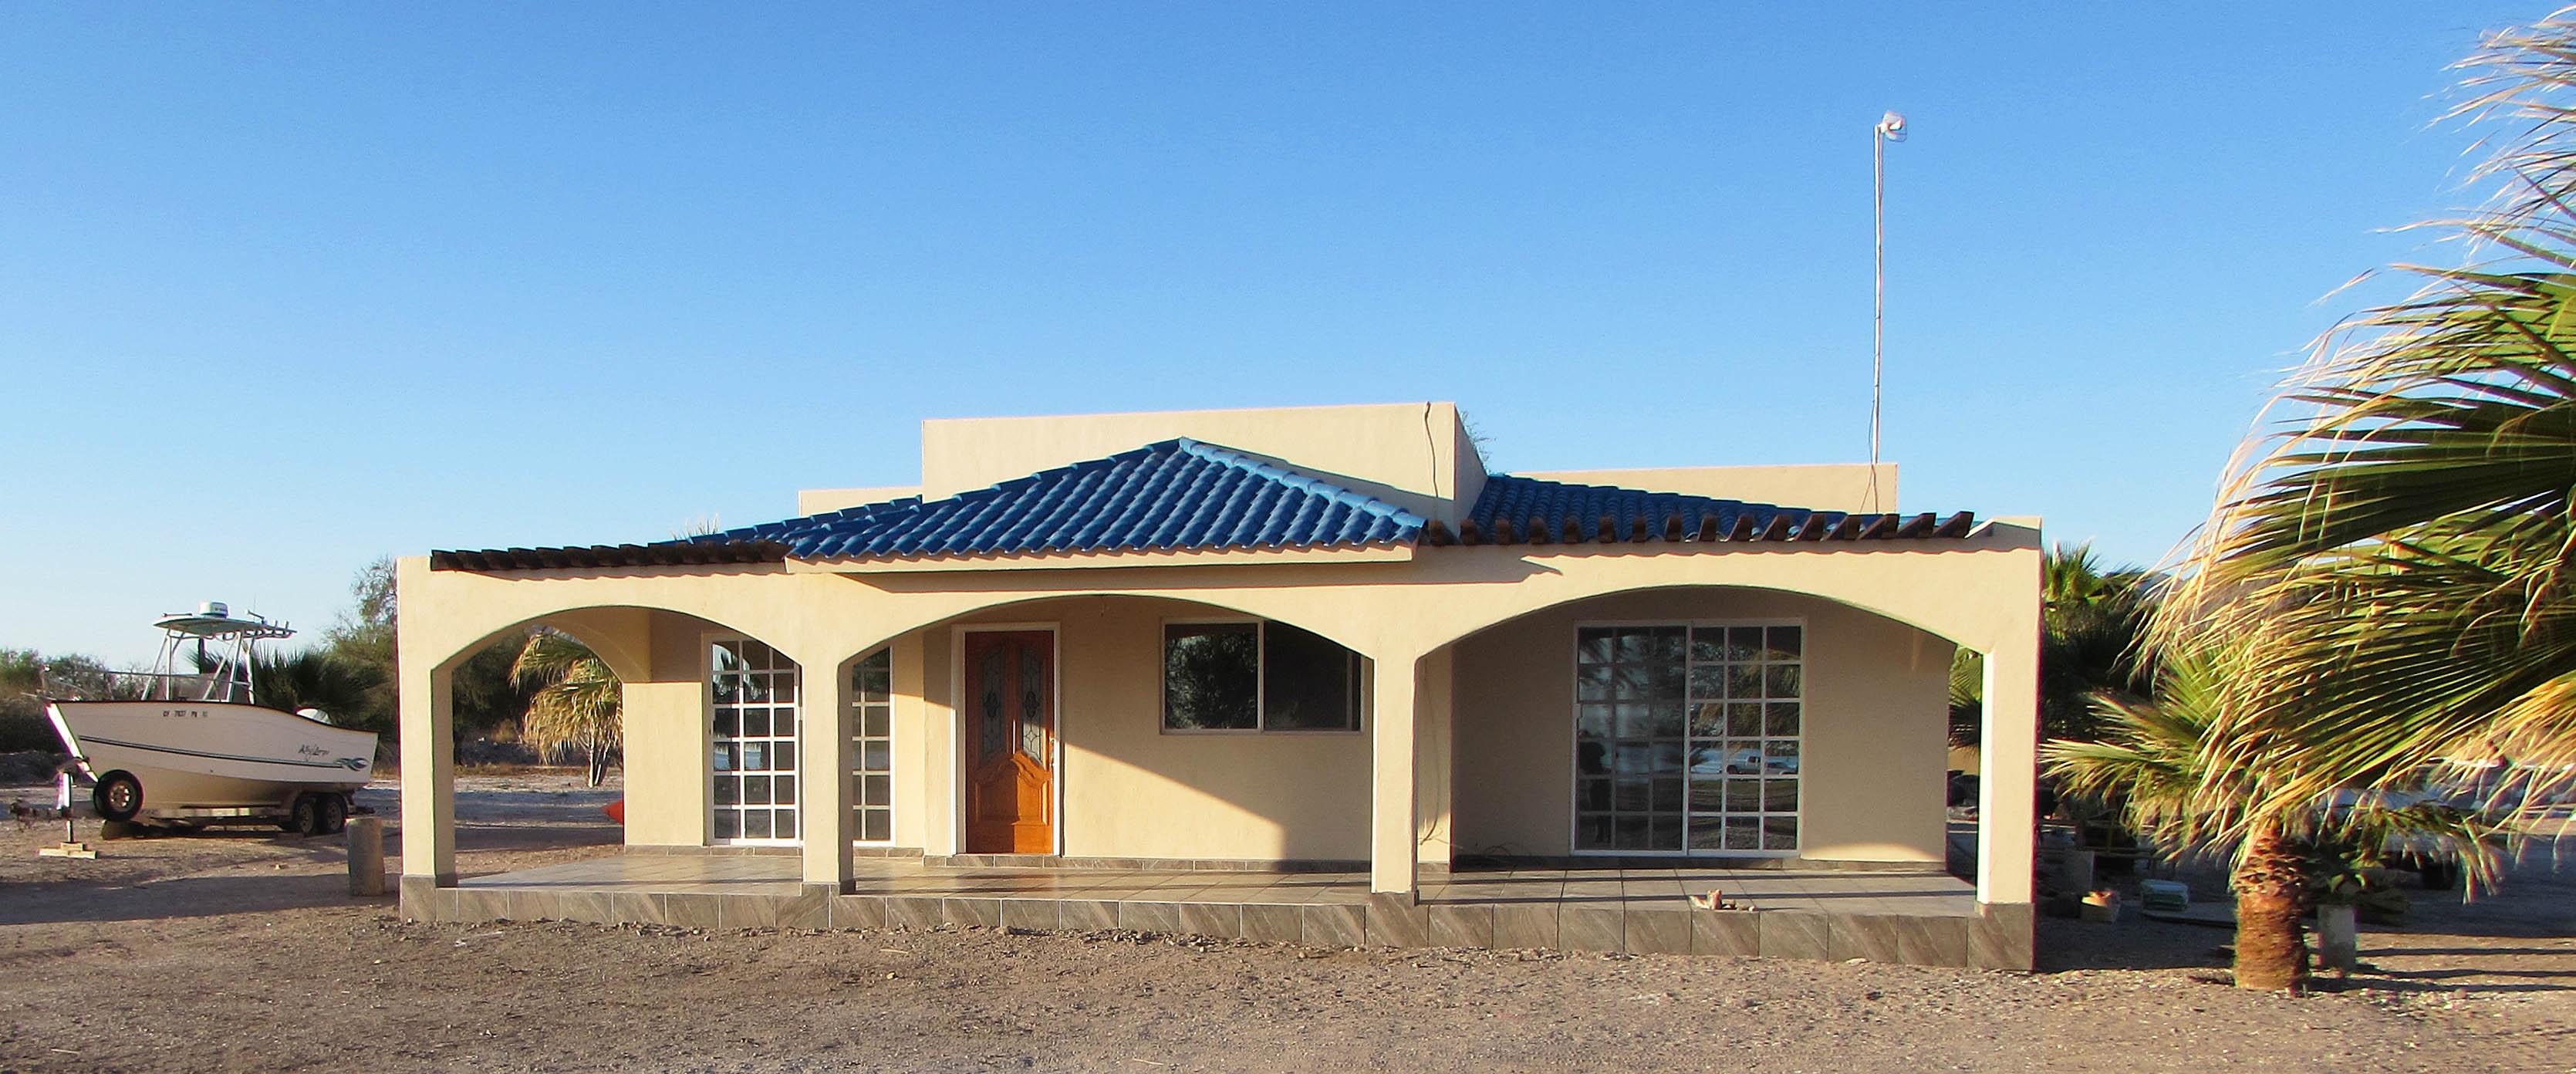 Home for Sale near Loreto, Mulege, Santa Rosalia, Punto Chivato